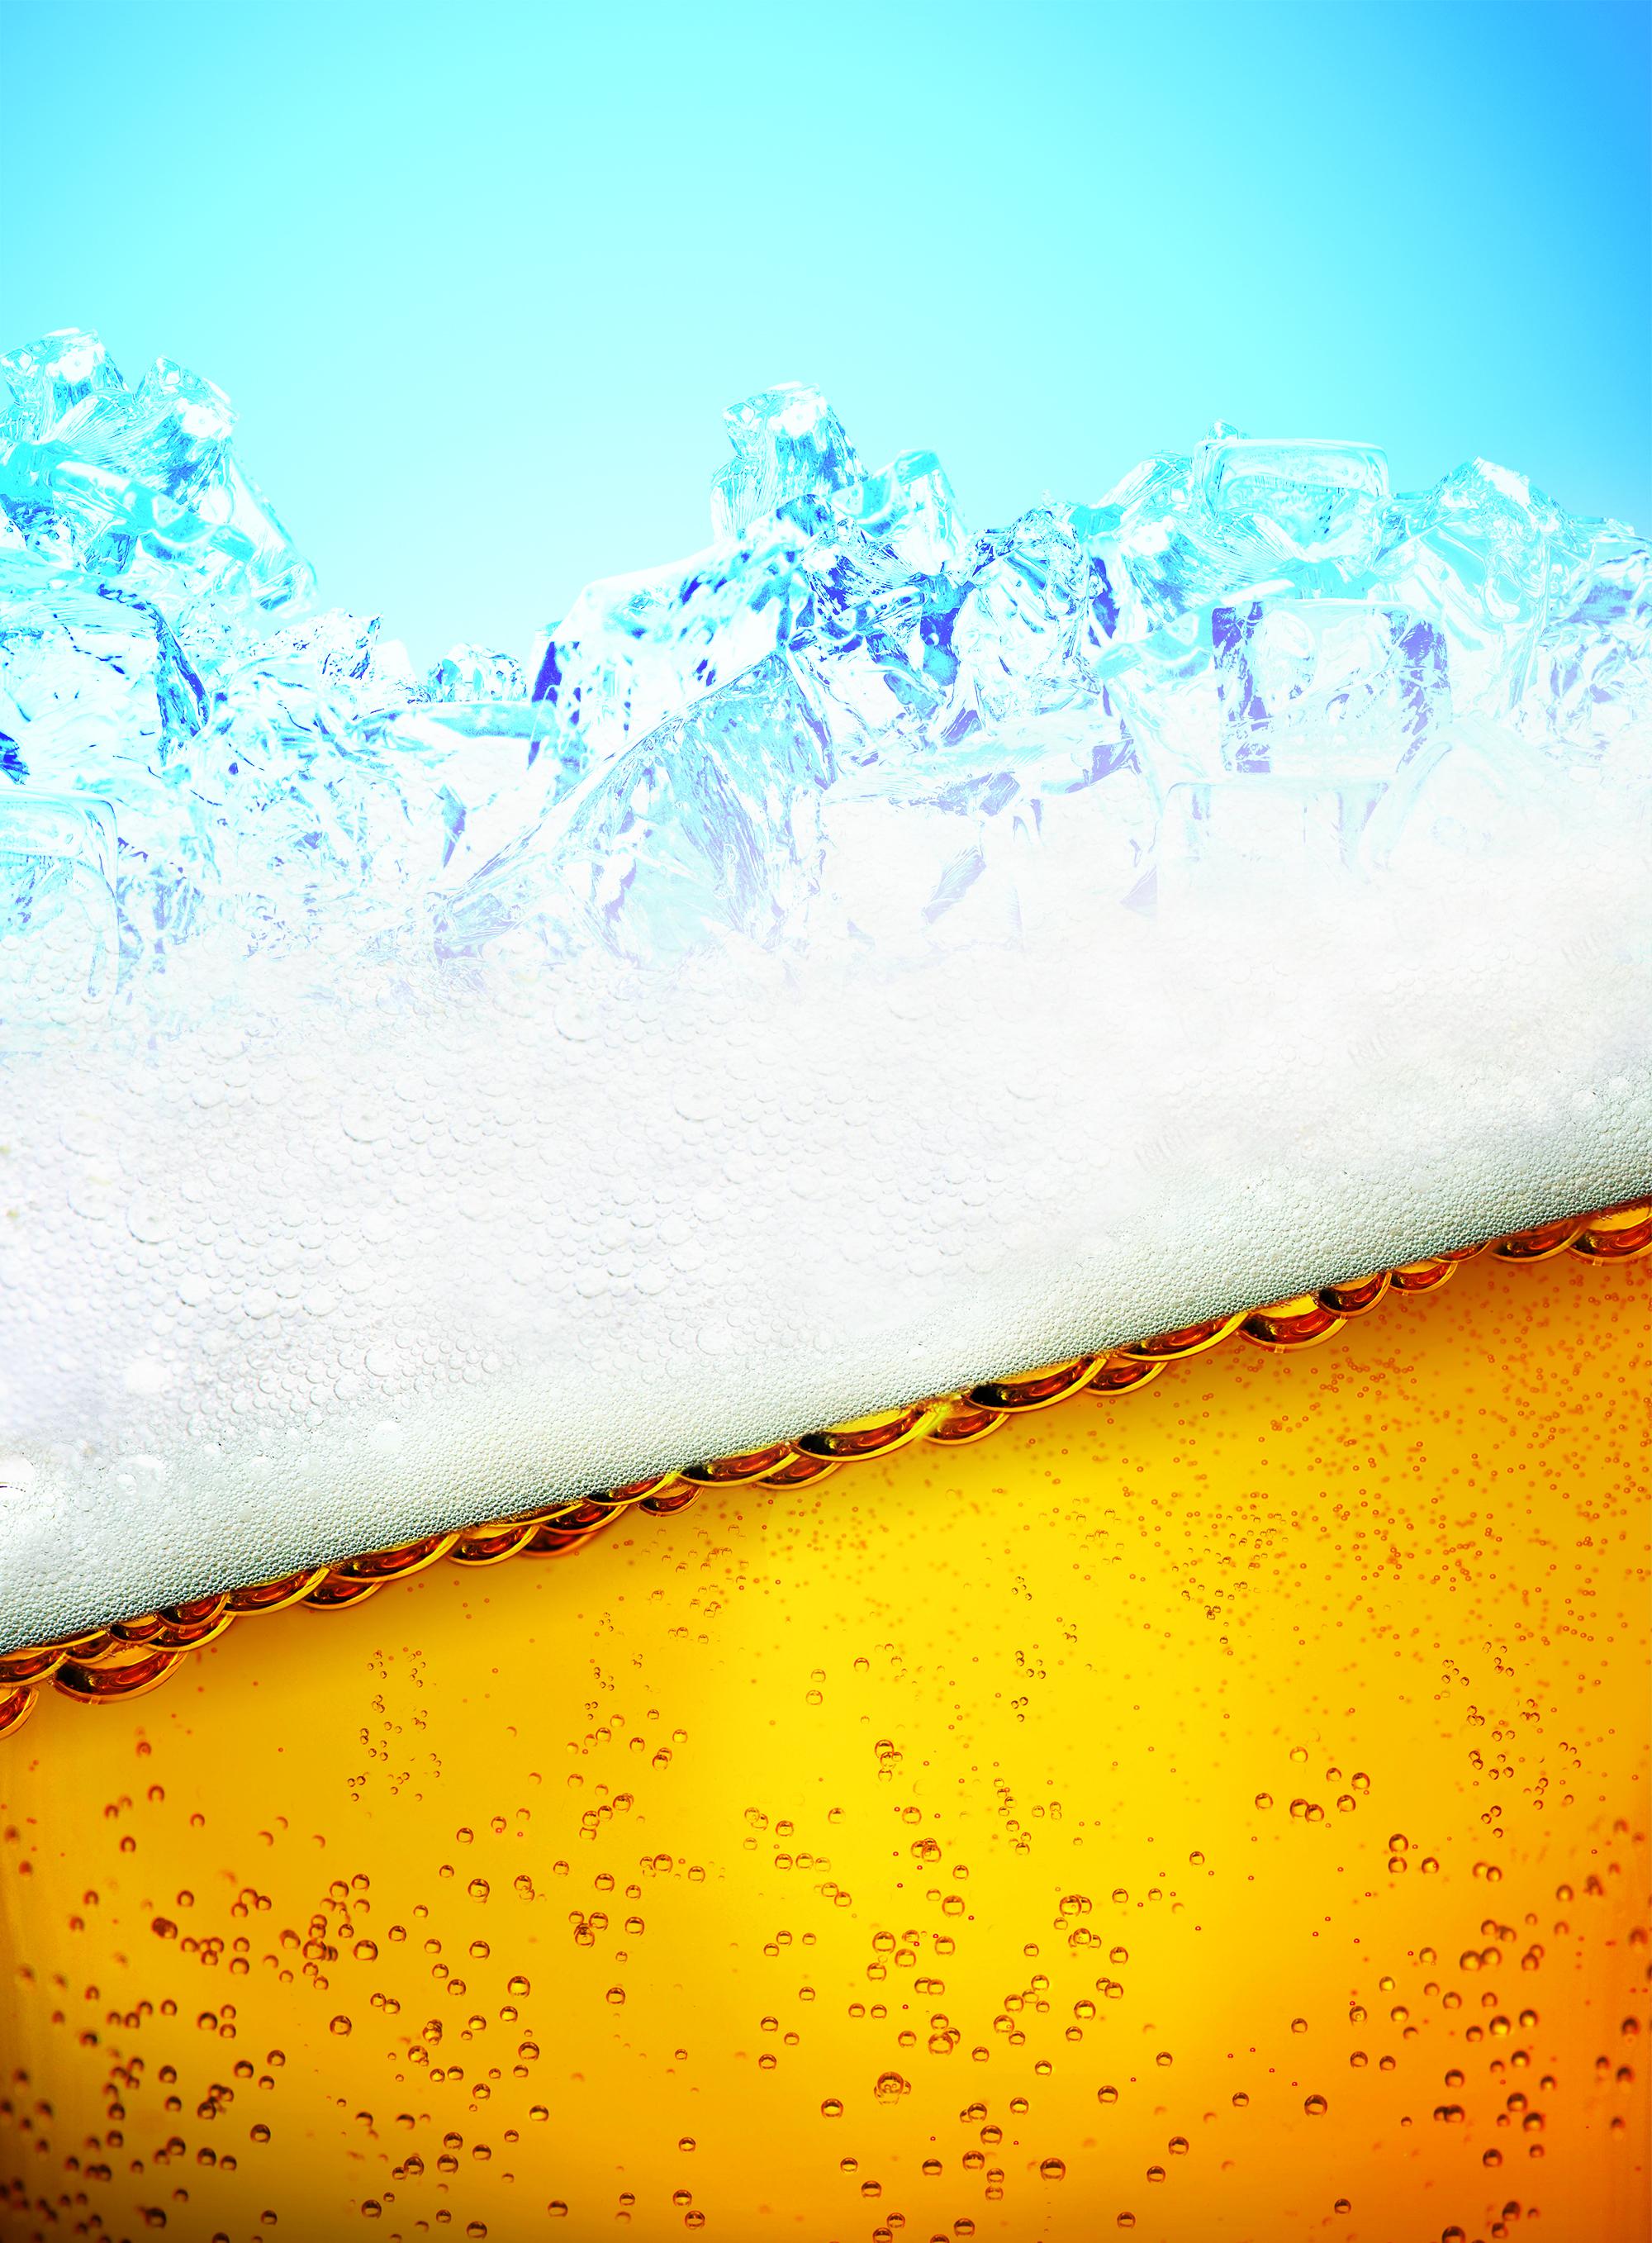 gelado de cerveja material de fundo cool a cerveja golden